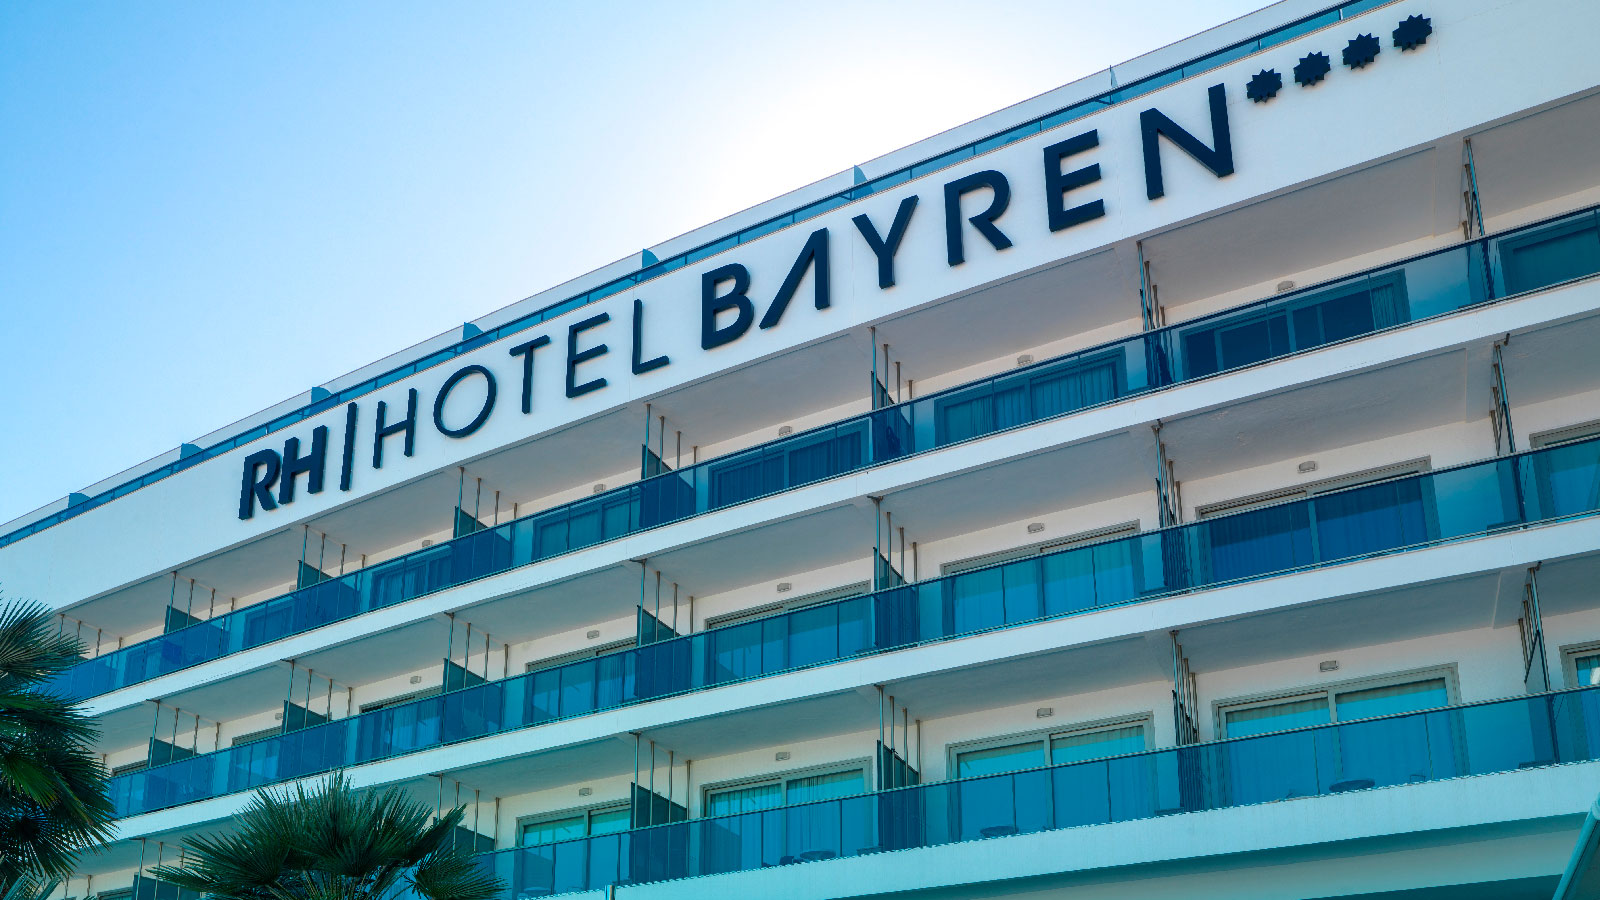 KRION® se instala en el emblemático Hotel RH Bayren & Spa de Gandía